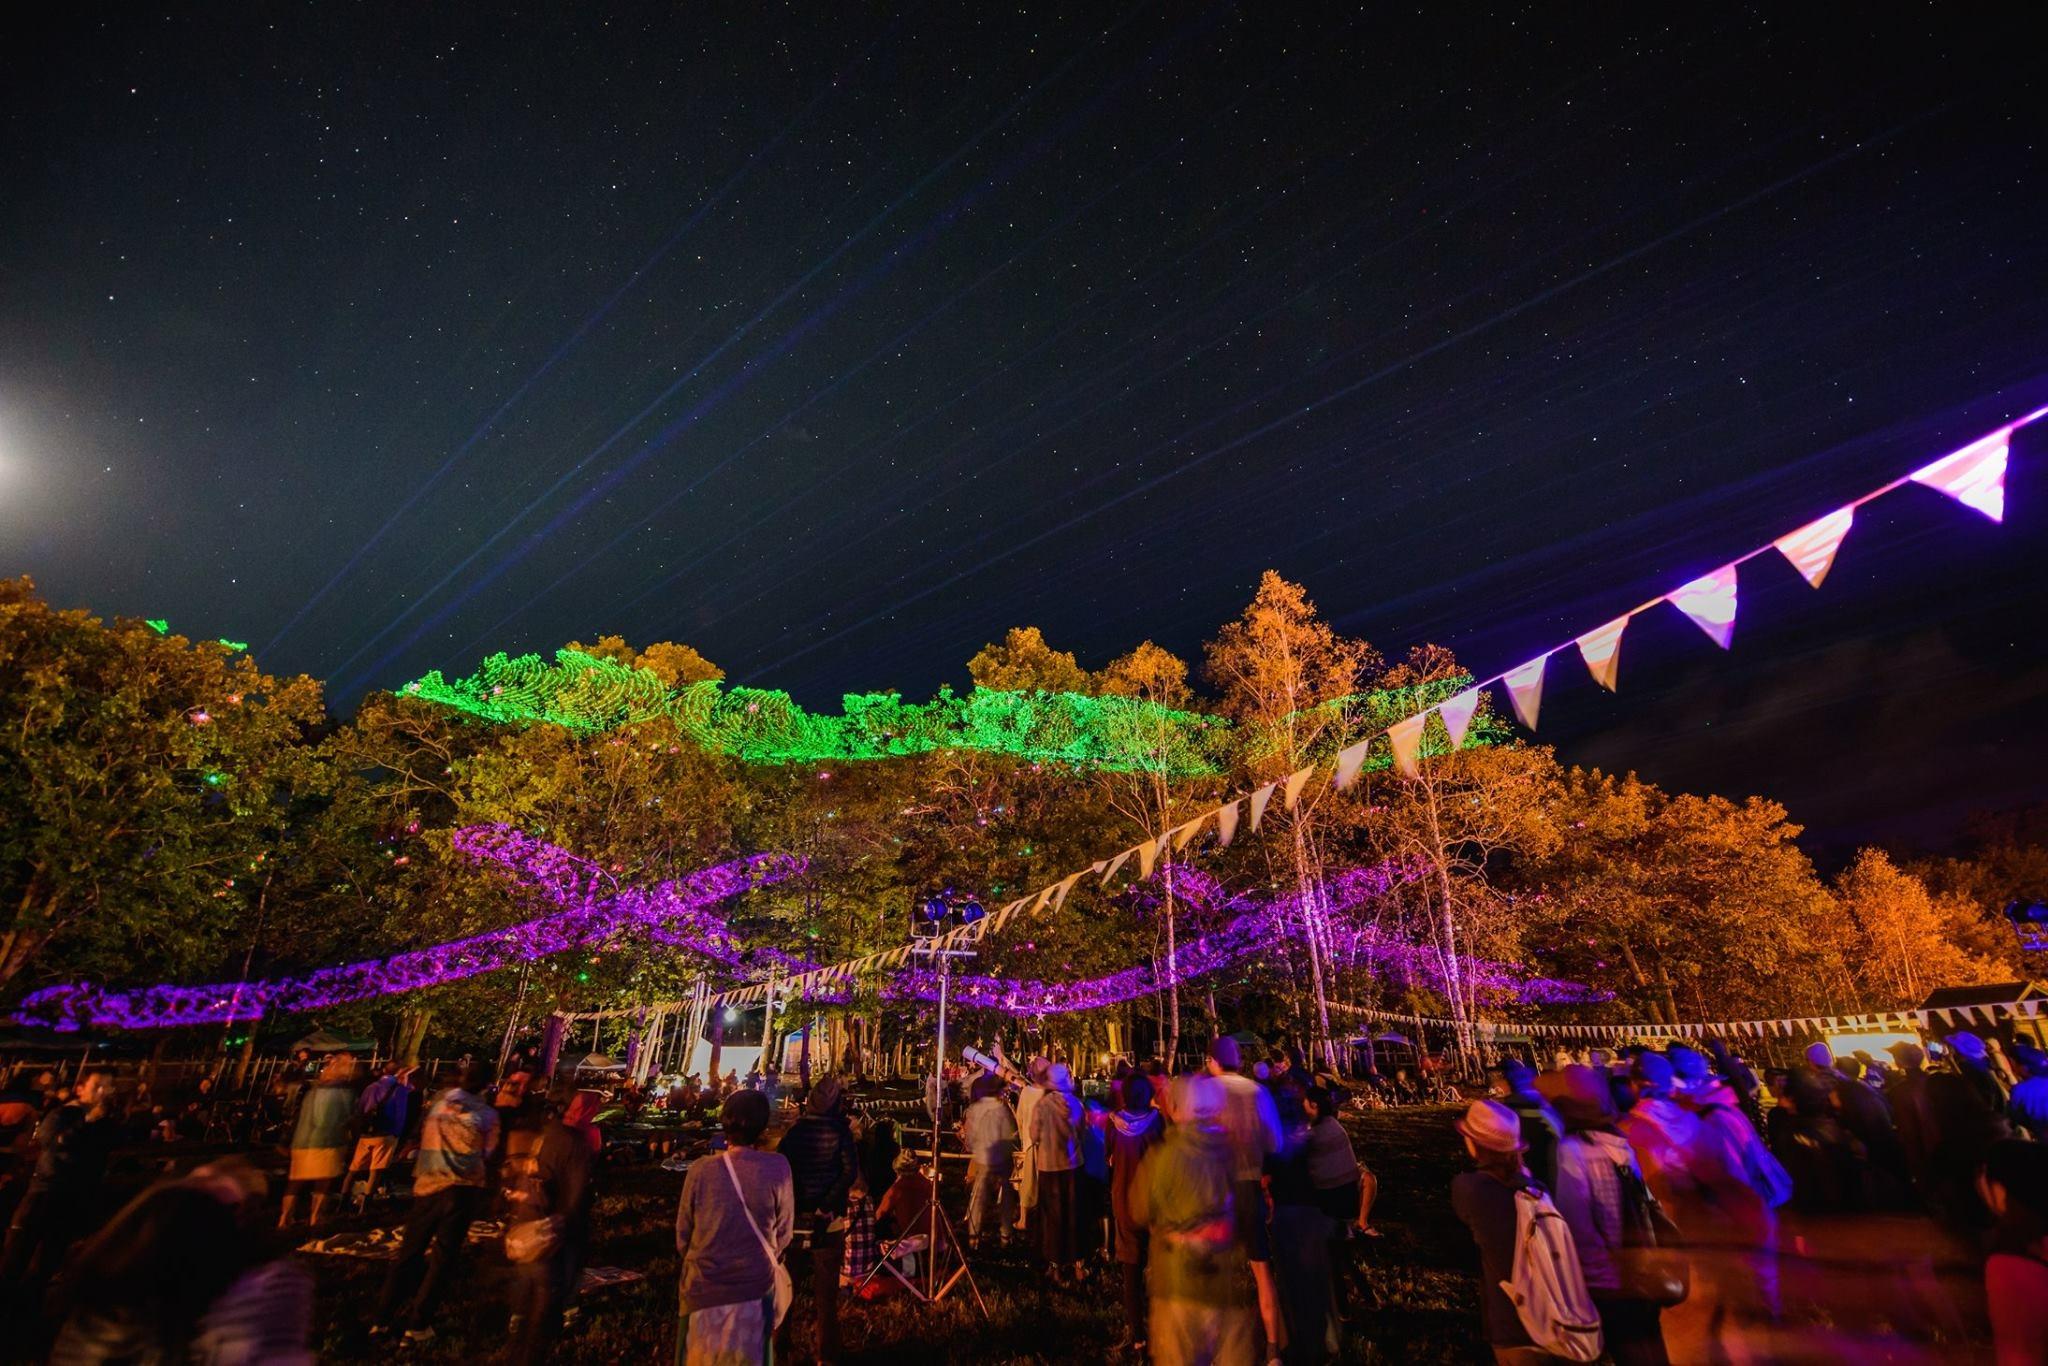 宇宙の森フェス2019・北海道大樹町 カムイコタン公園キャンプ場